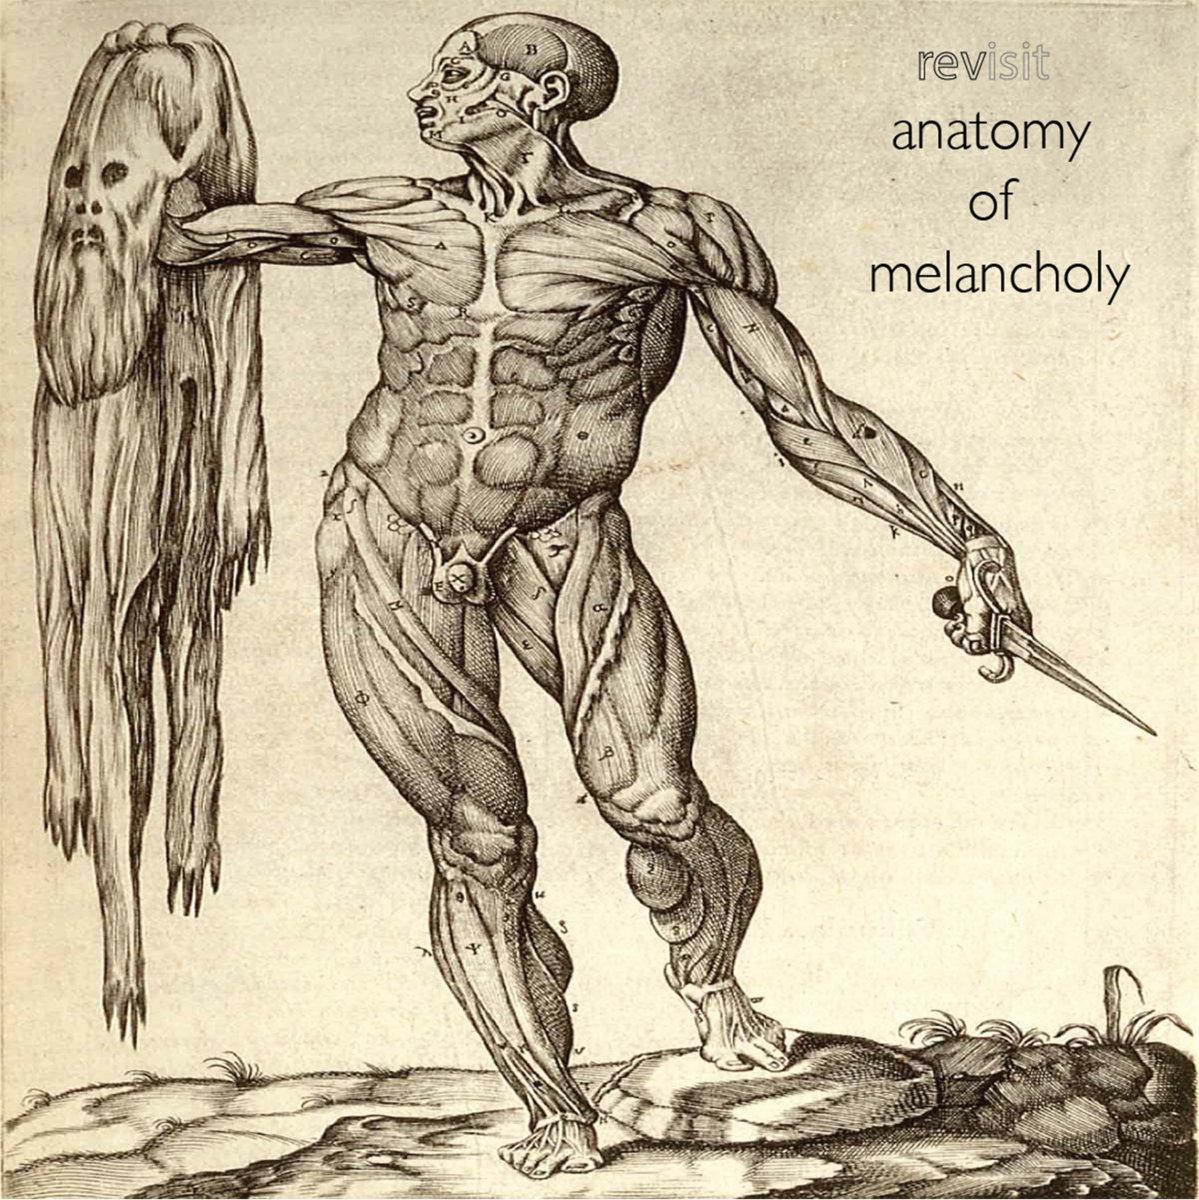 Anatomy of Melancholy | Rev Matt